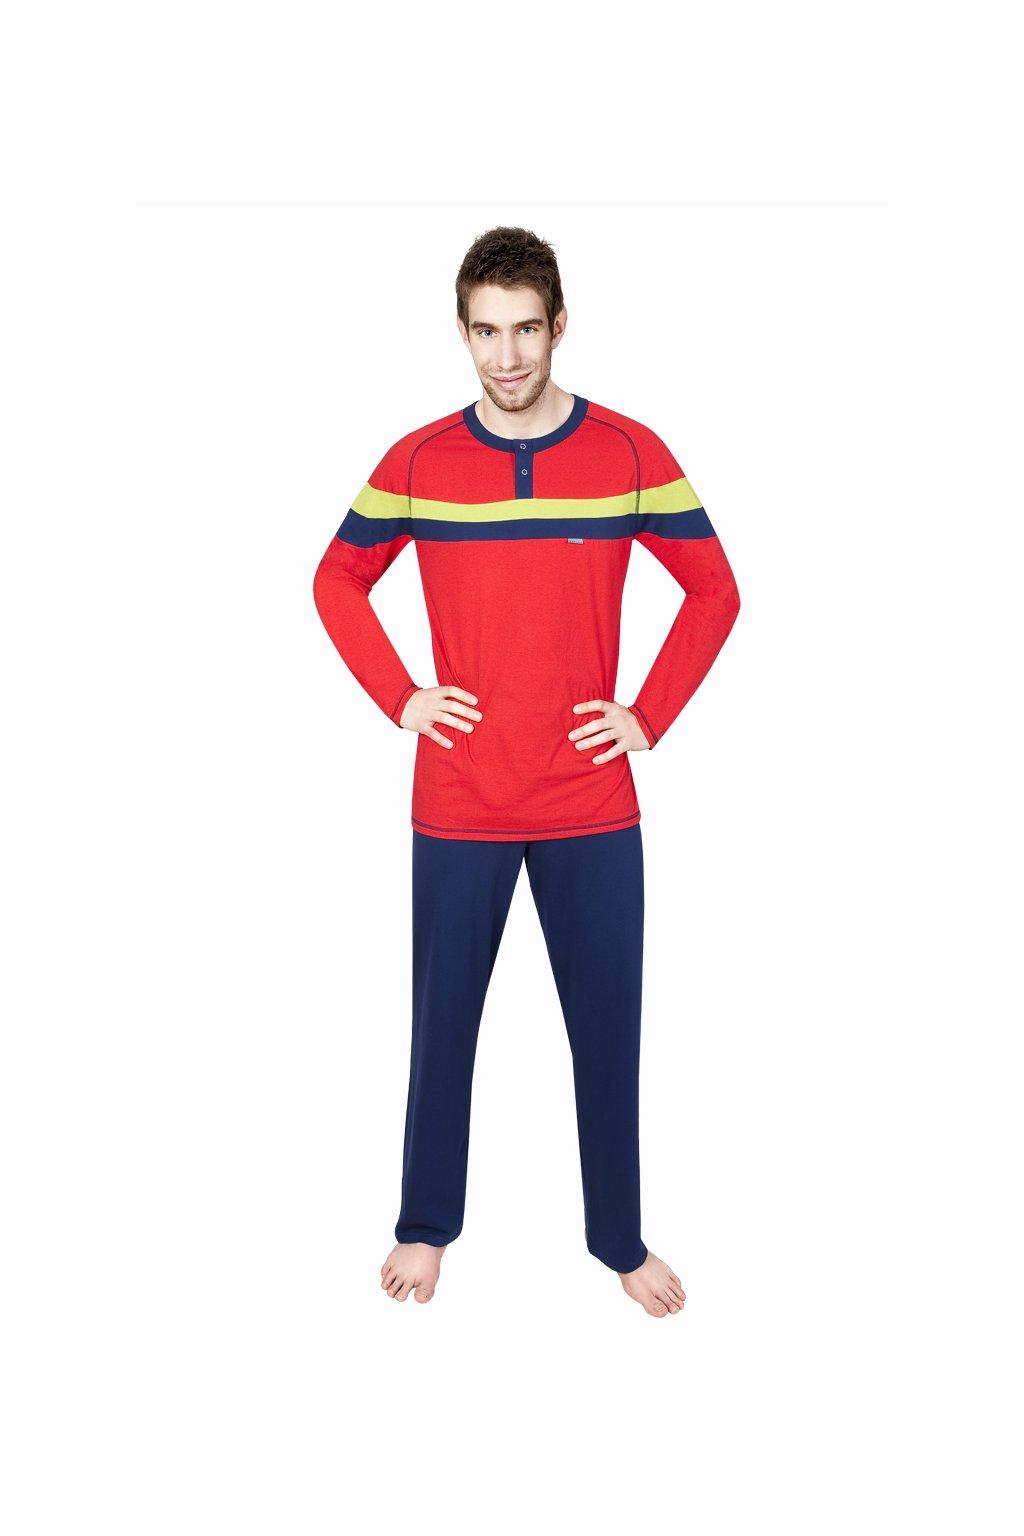 Pánské pyžamo s dlouhým rukávem, 20445 690, červená/modrá